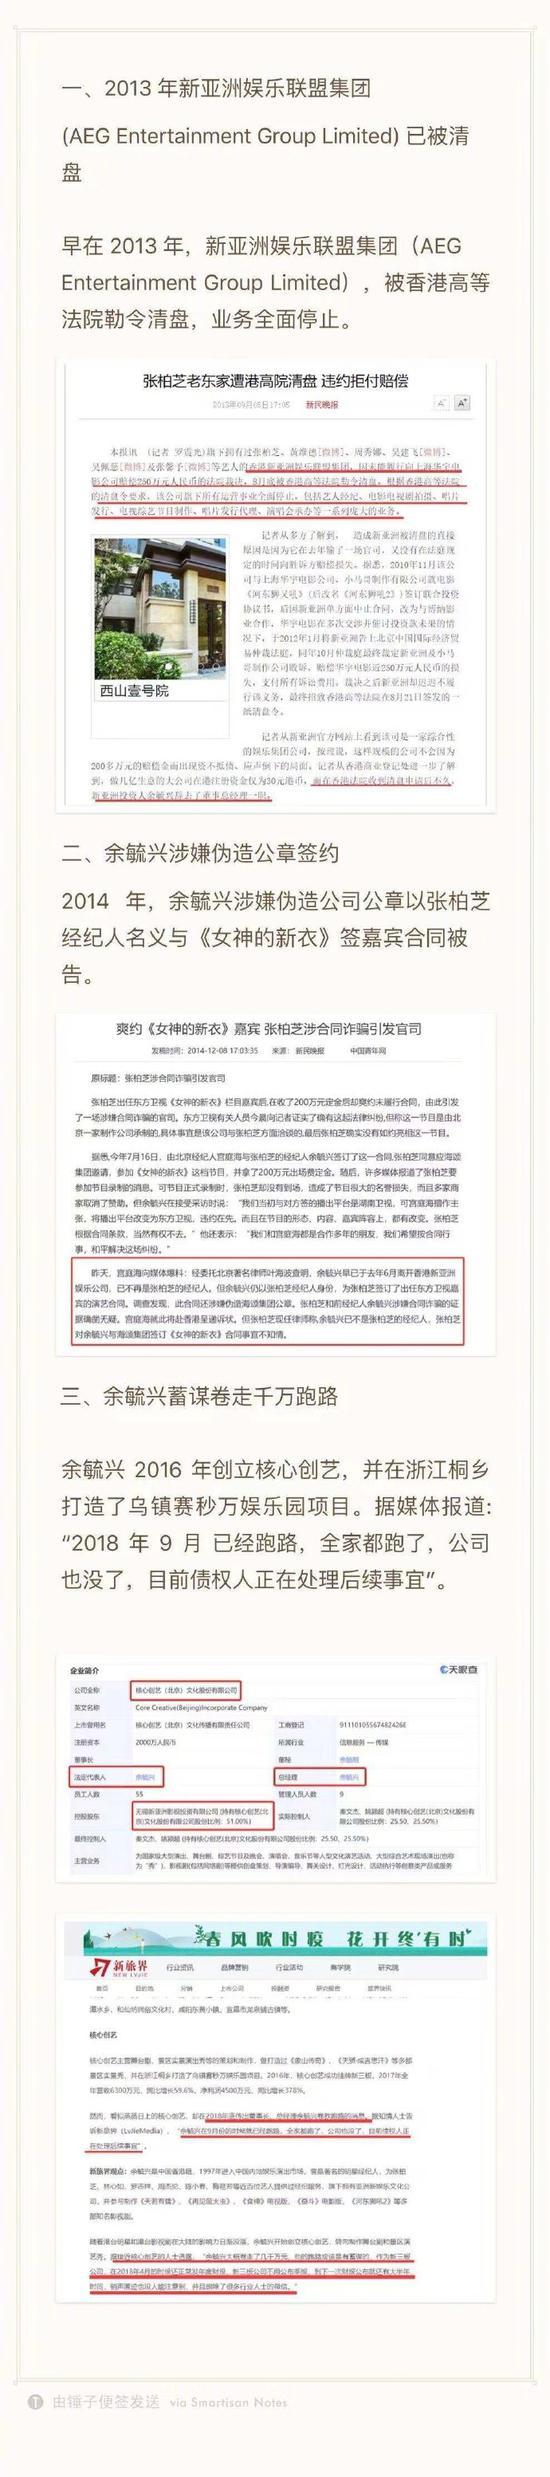 【美天棋牌】前经纪人起诉张柏芝 官方粉丝团为偶像发声力证清白